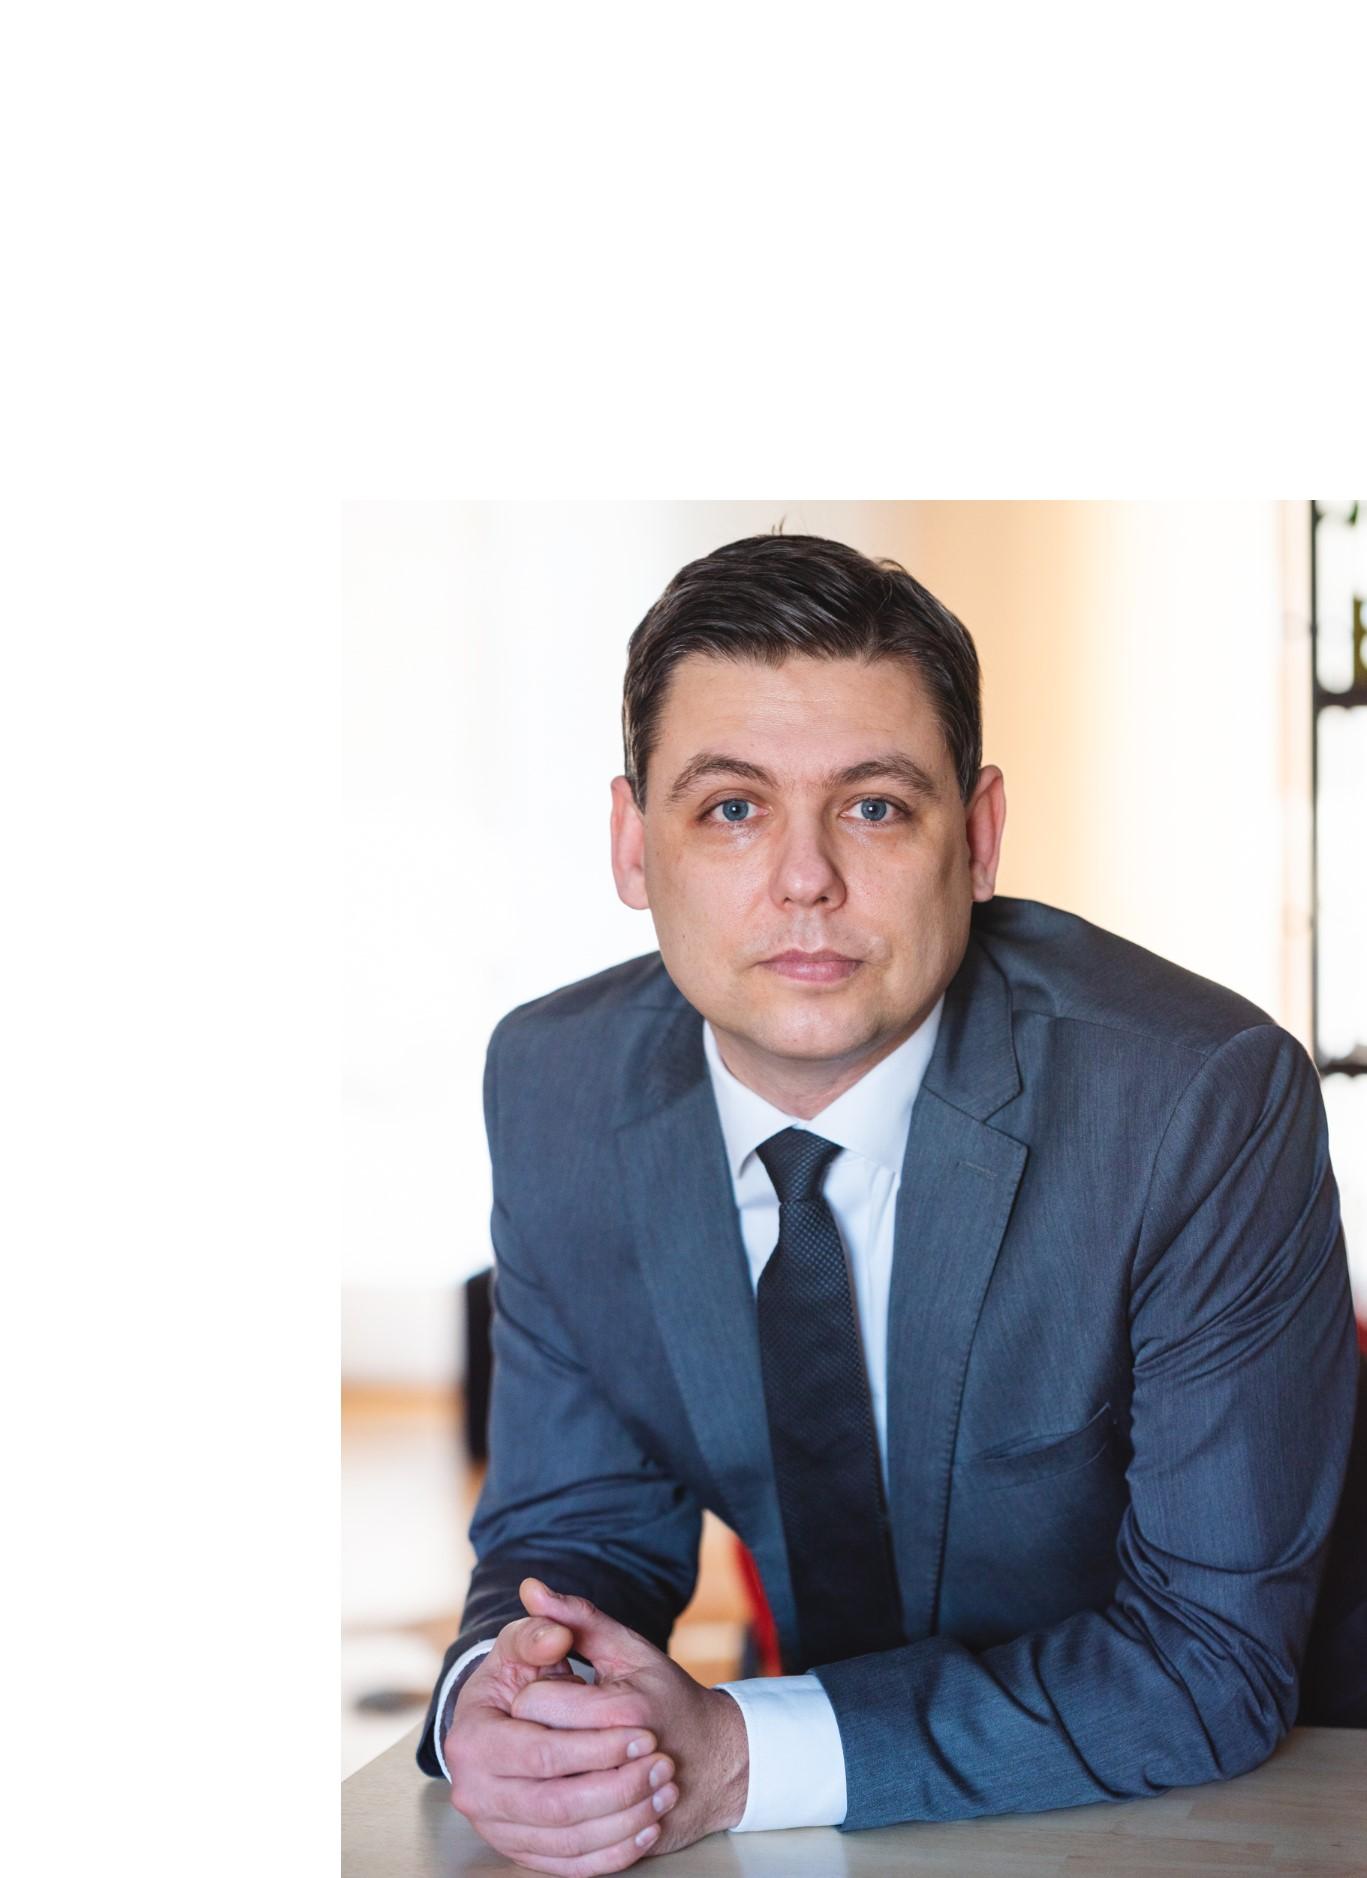 Kui suured on Eesti e-kaubanduses kaupade tagastused ning milline on trend?